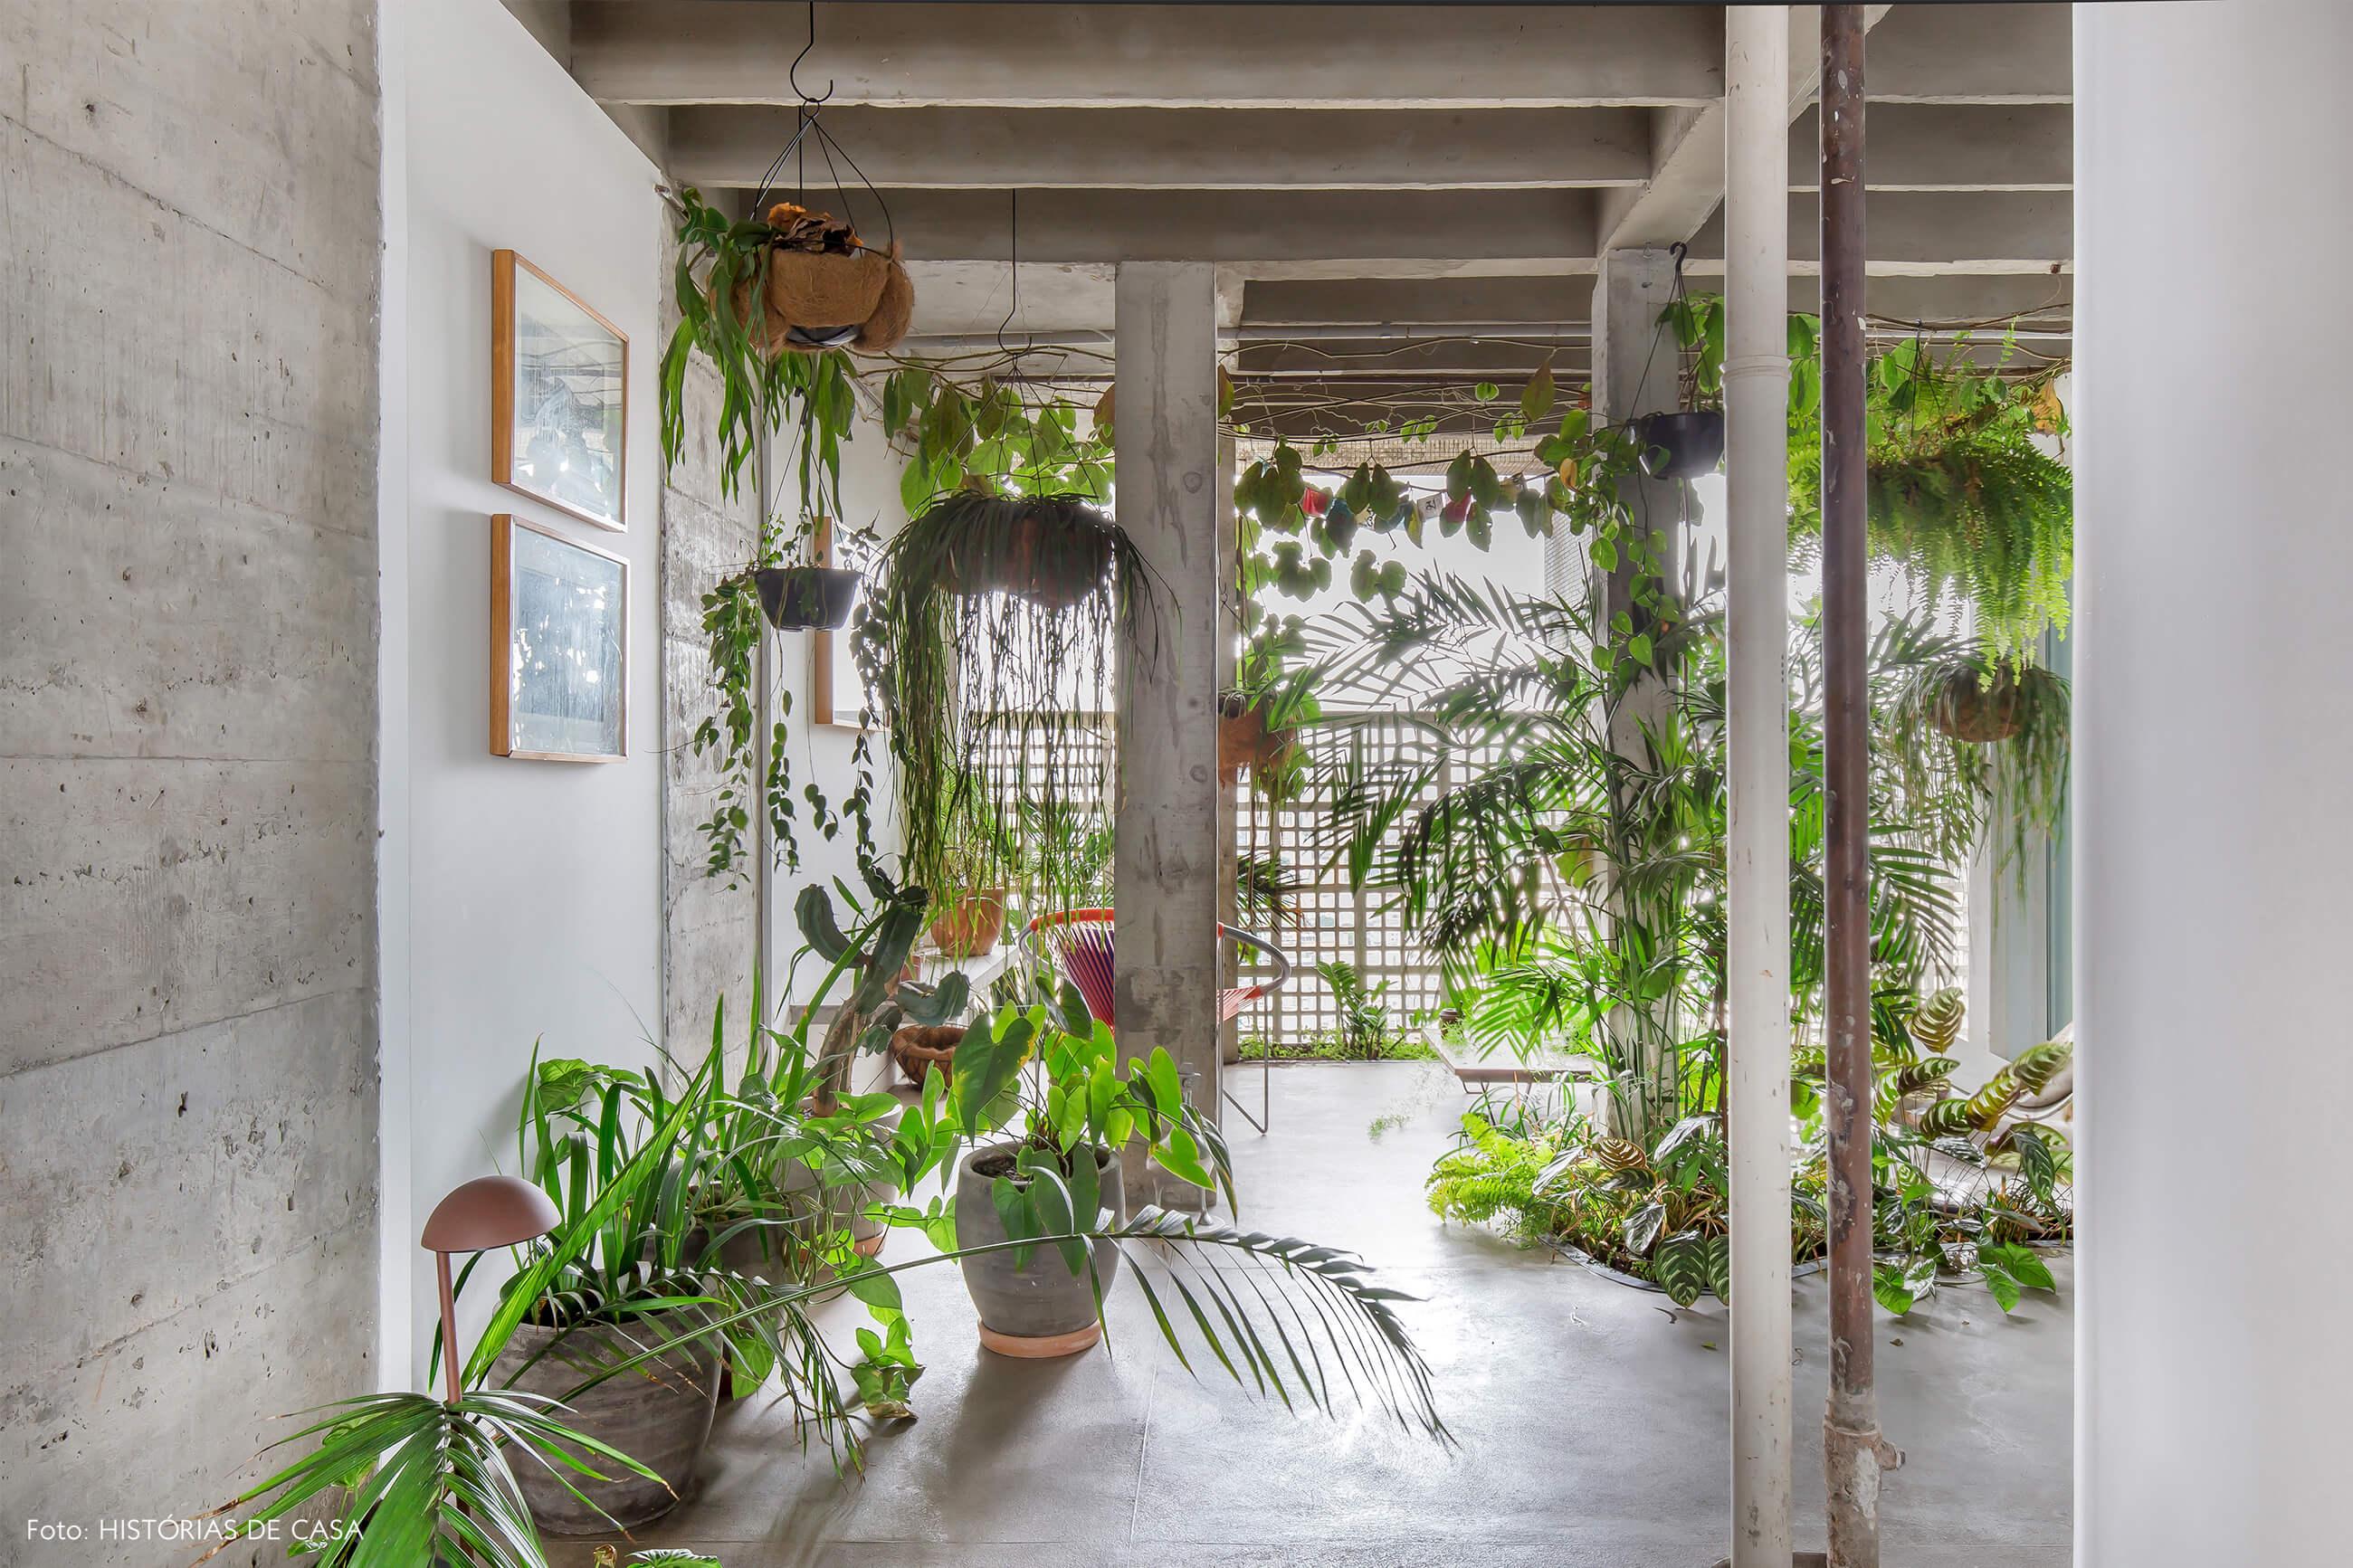 Ap decoração copan parede de concreto no jardim interno com plantas